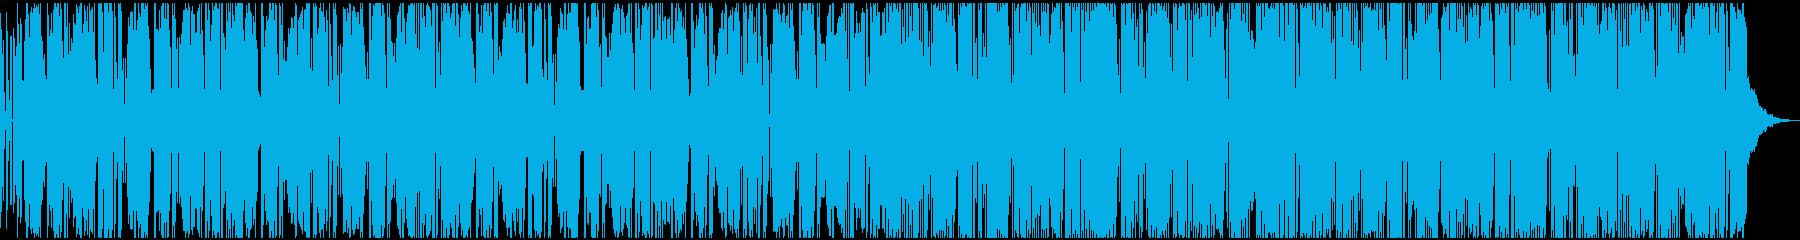 不気味だが 小刻みリズムが気持ちいい音楽の再生済みの波形